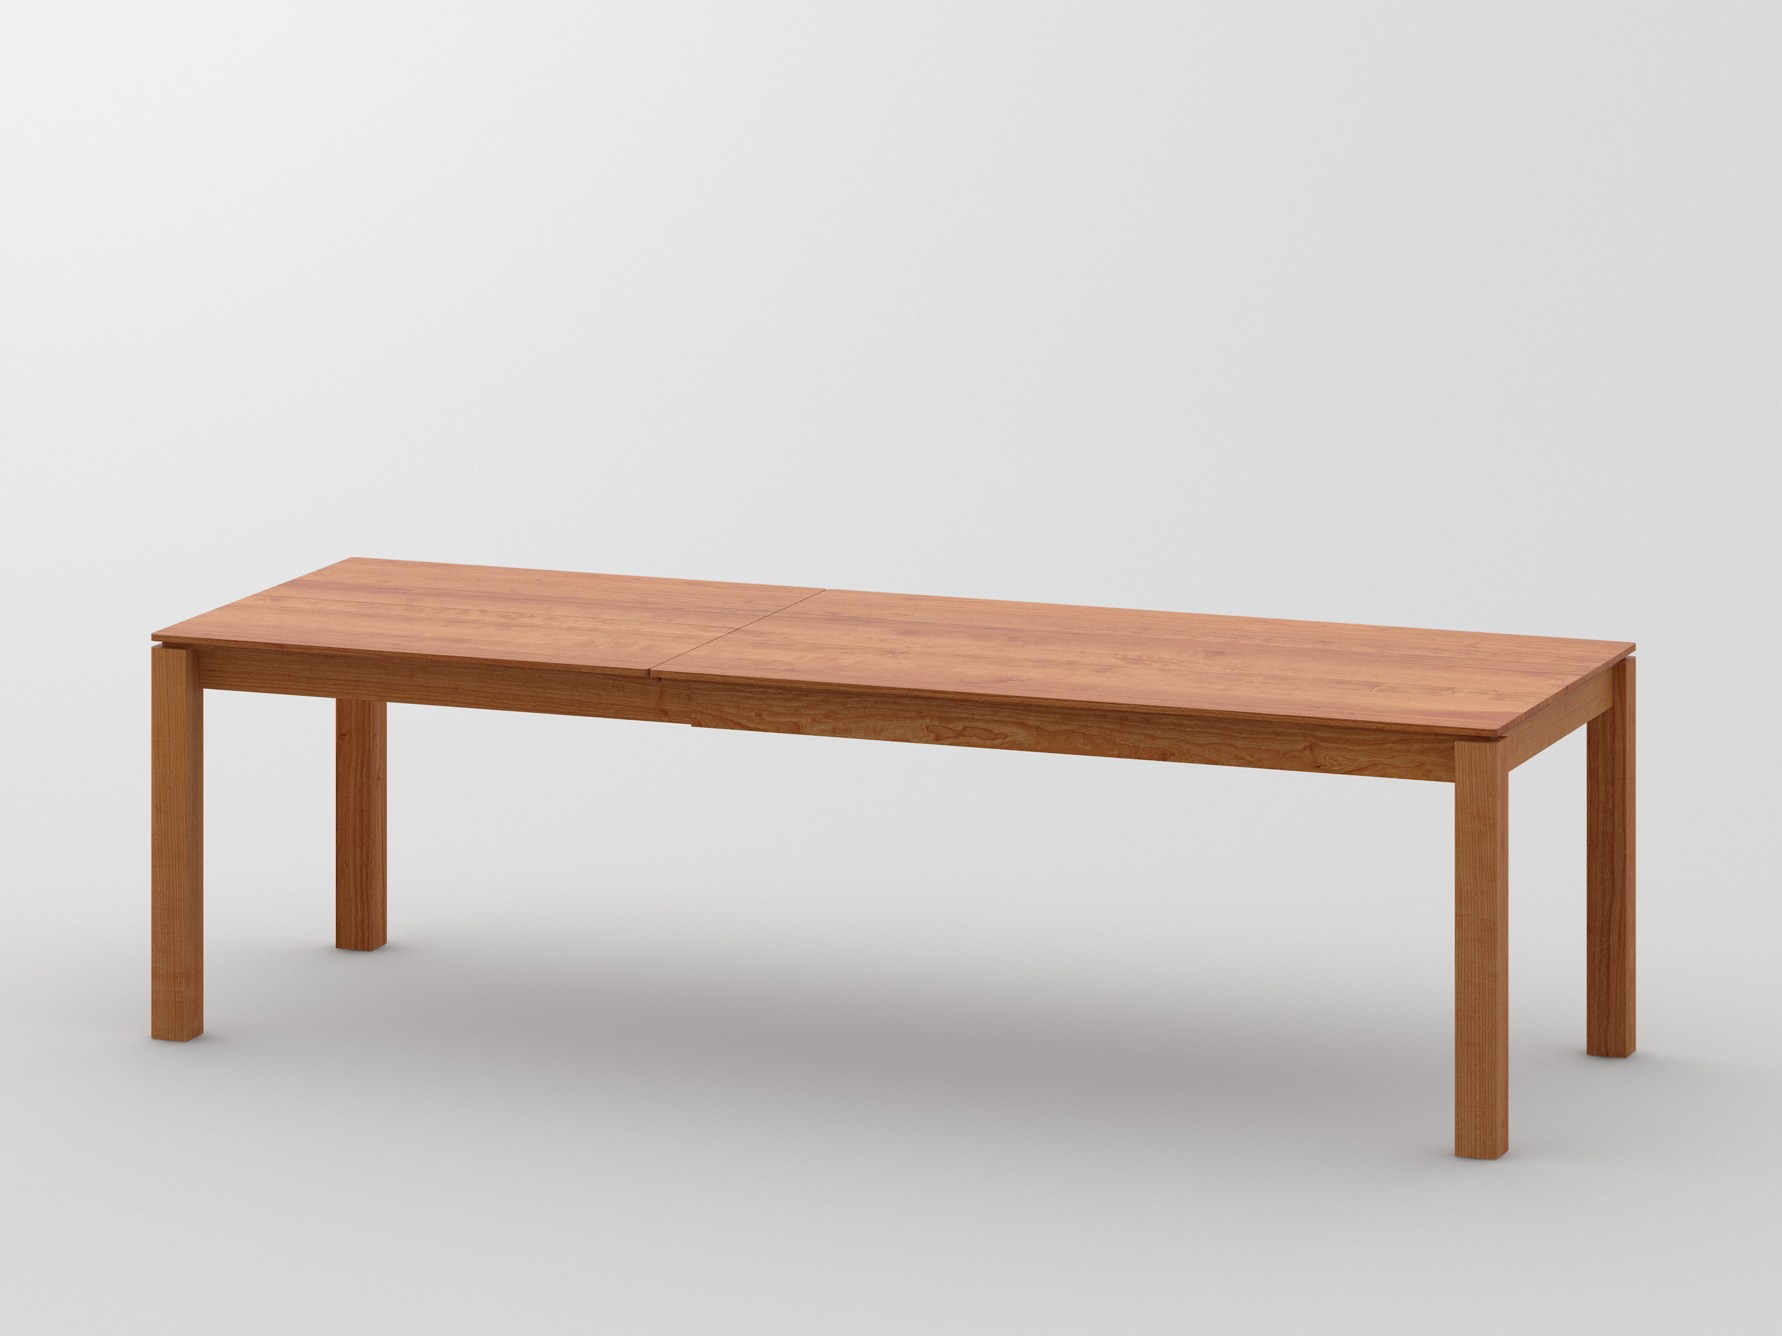 Realizzare Un Tavolo Da Giardino.Costruire Un Tavolo Da Cucina In Legno Gallery Of Come Costruire Un